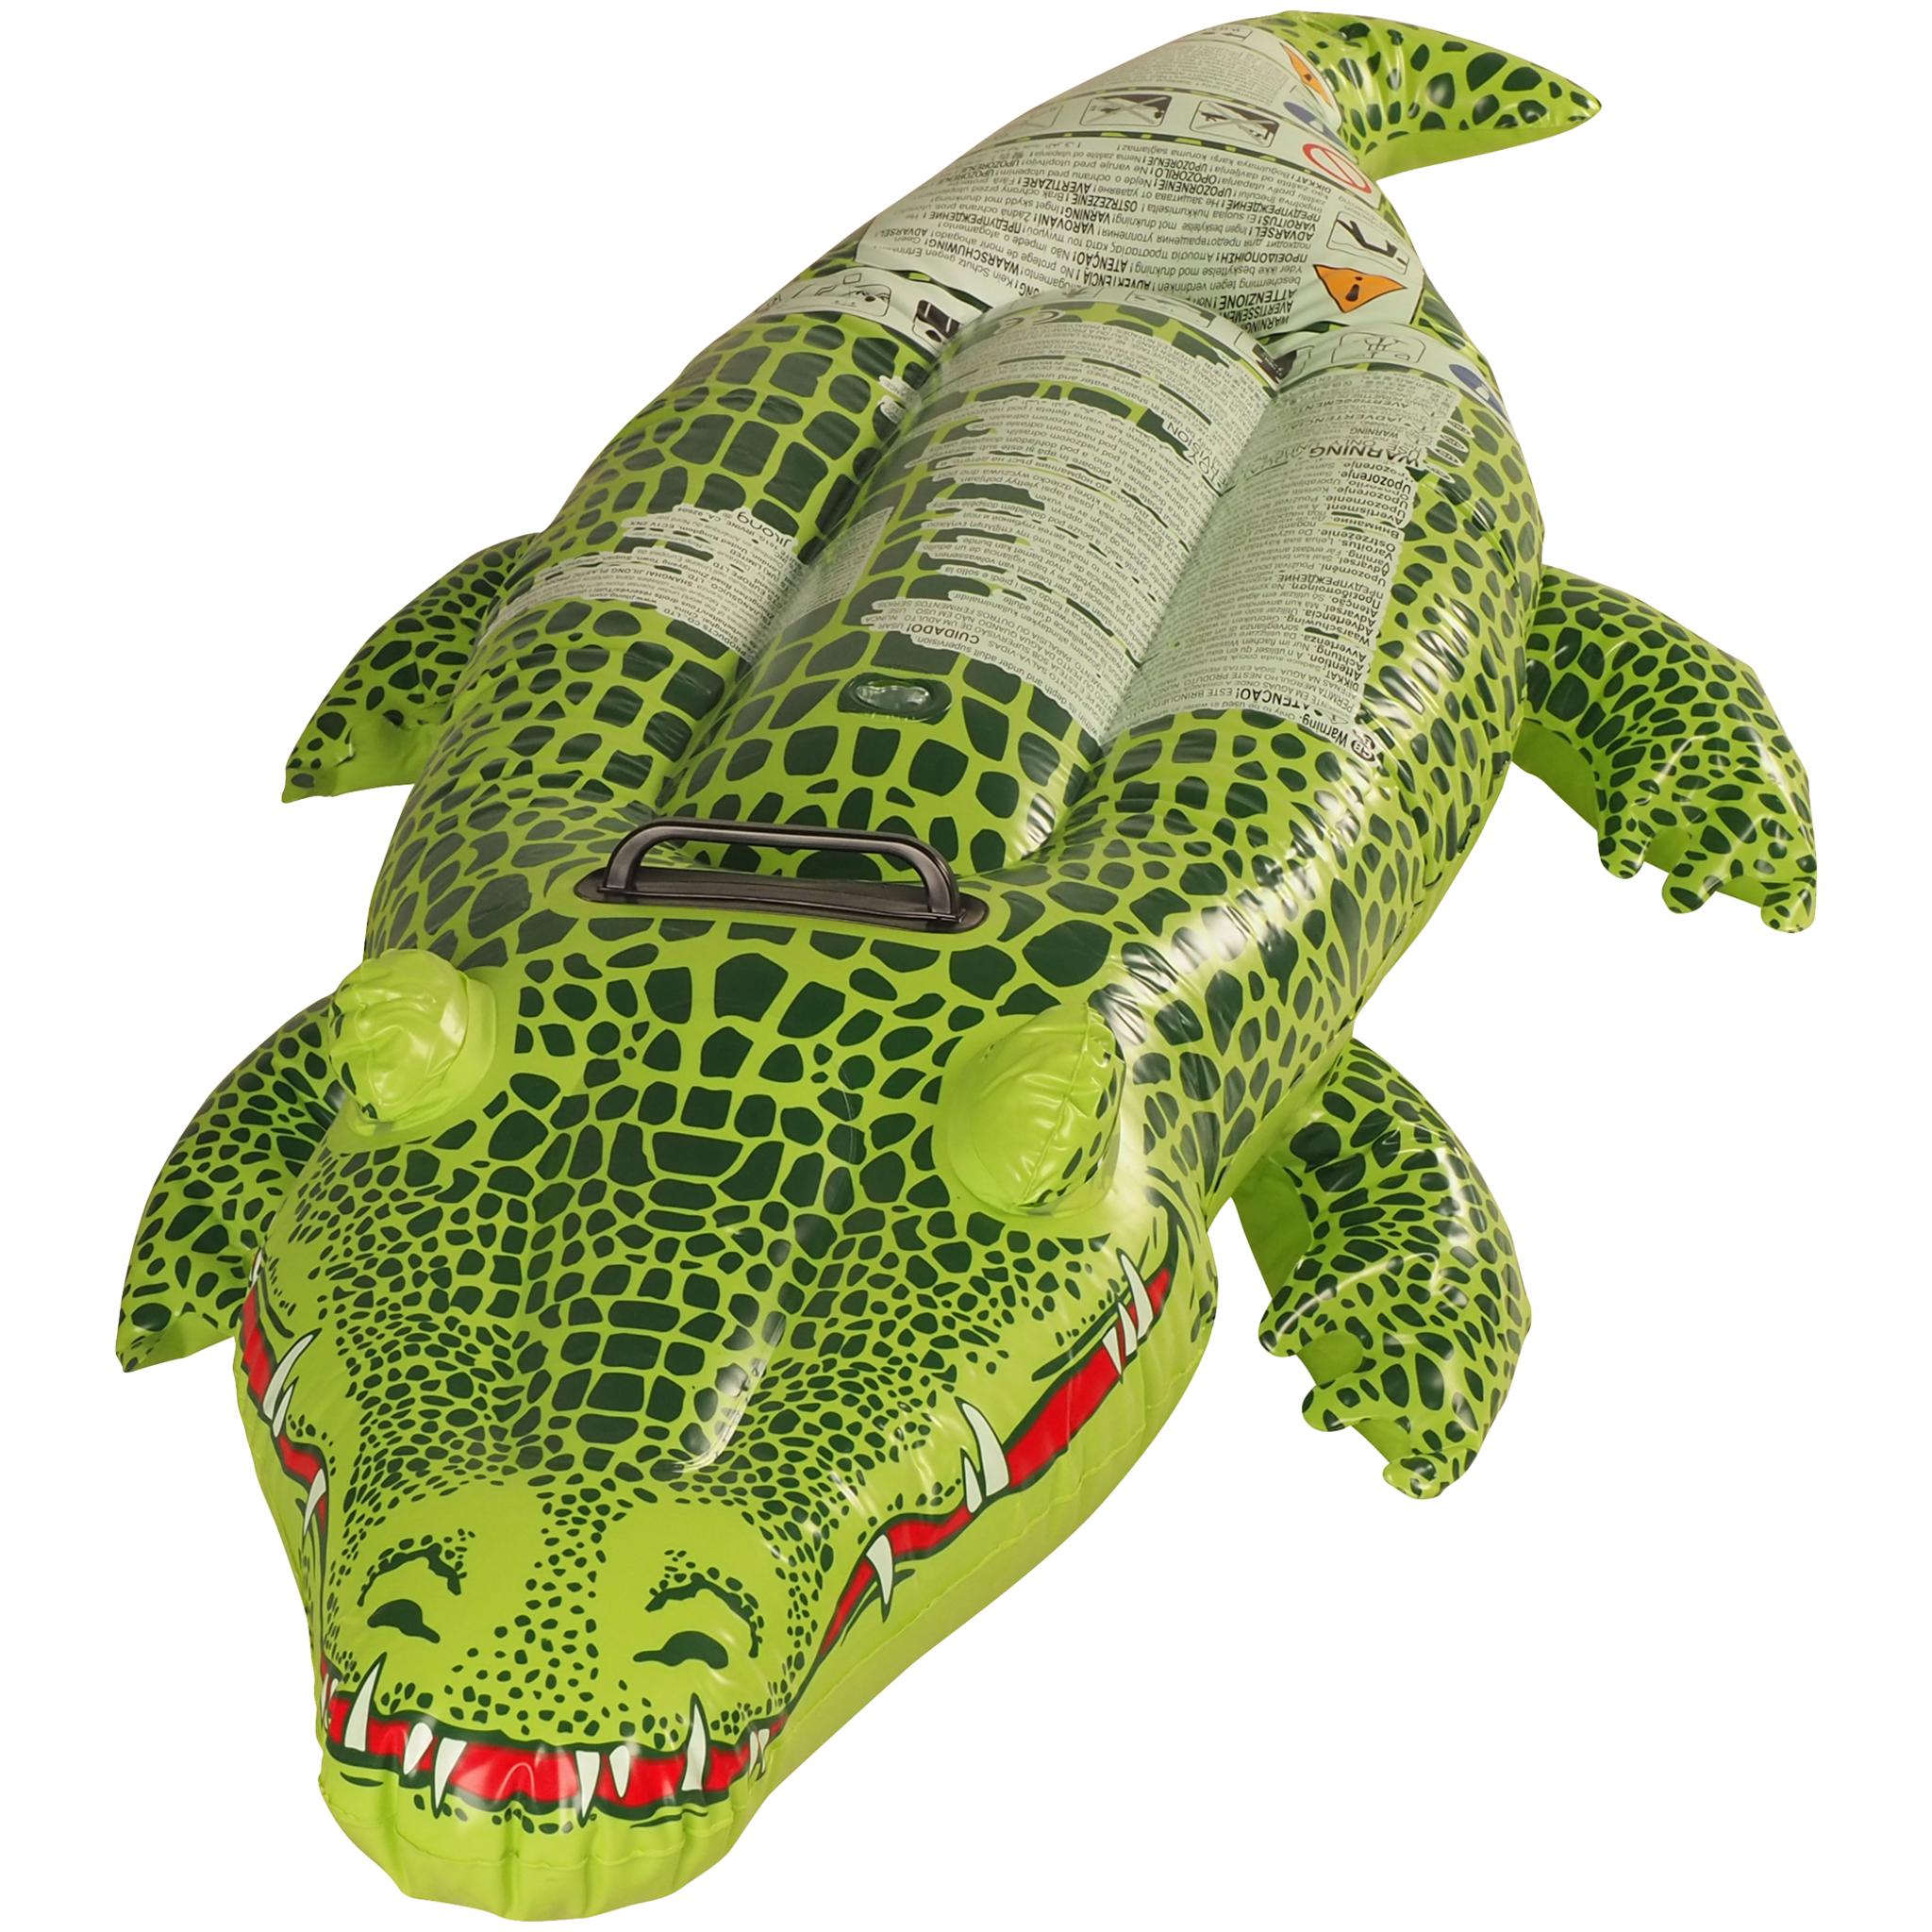 JILONG Krokodille, vannleketøy